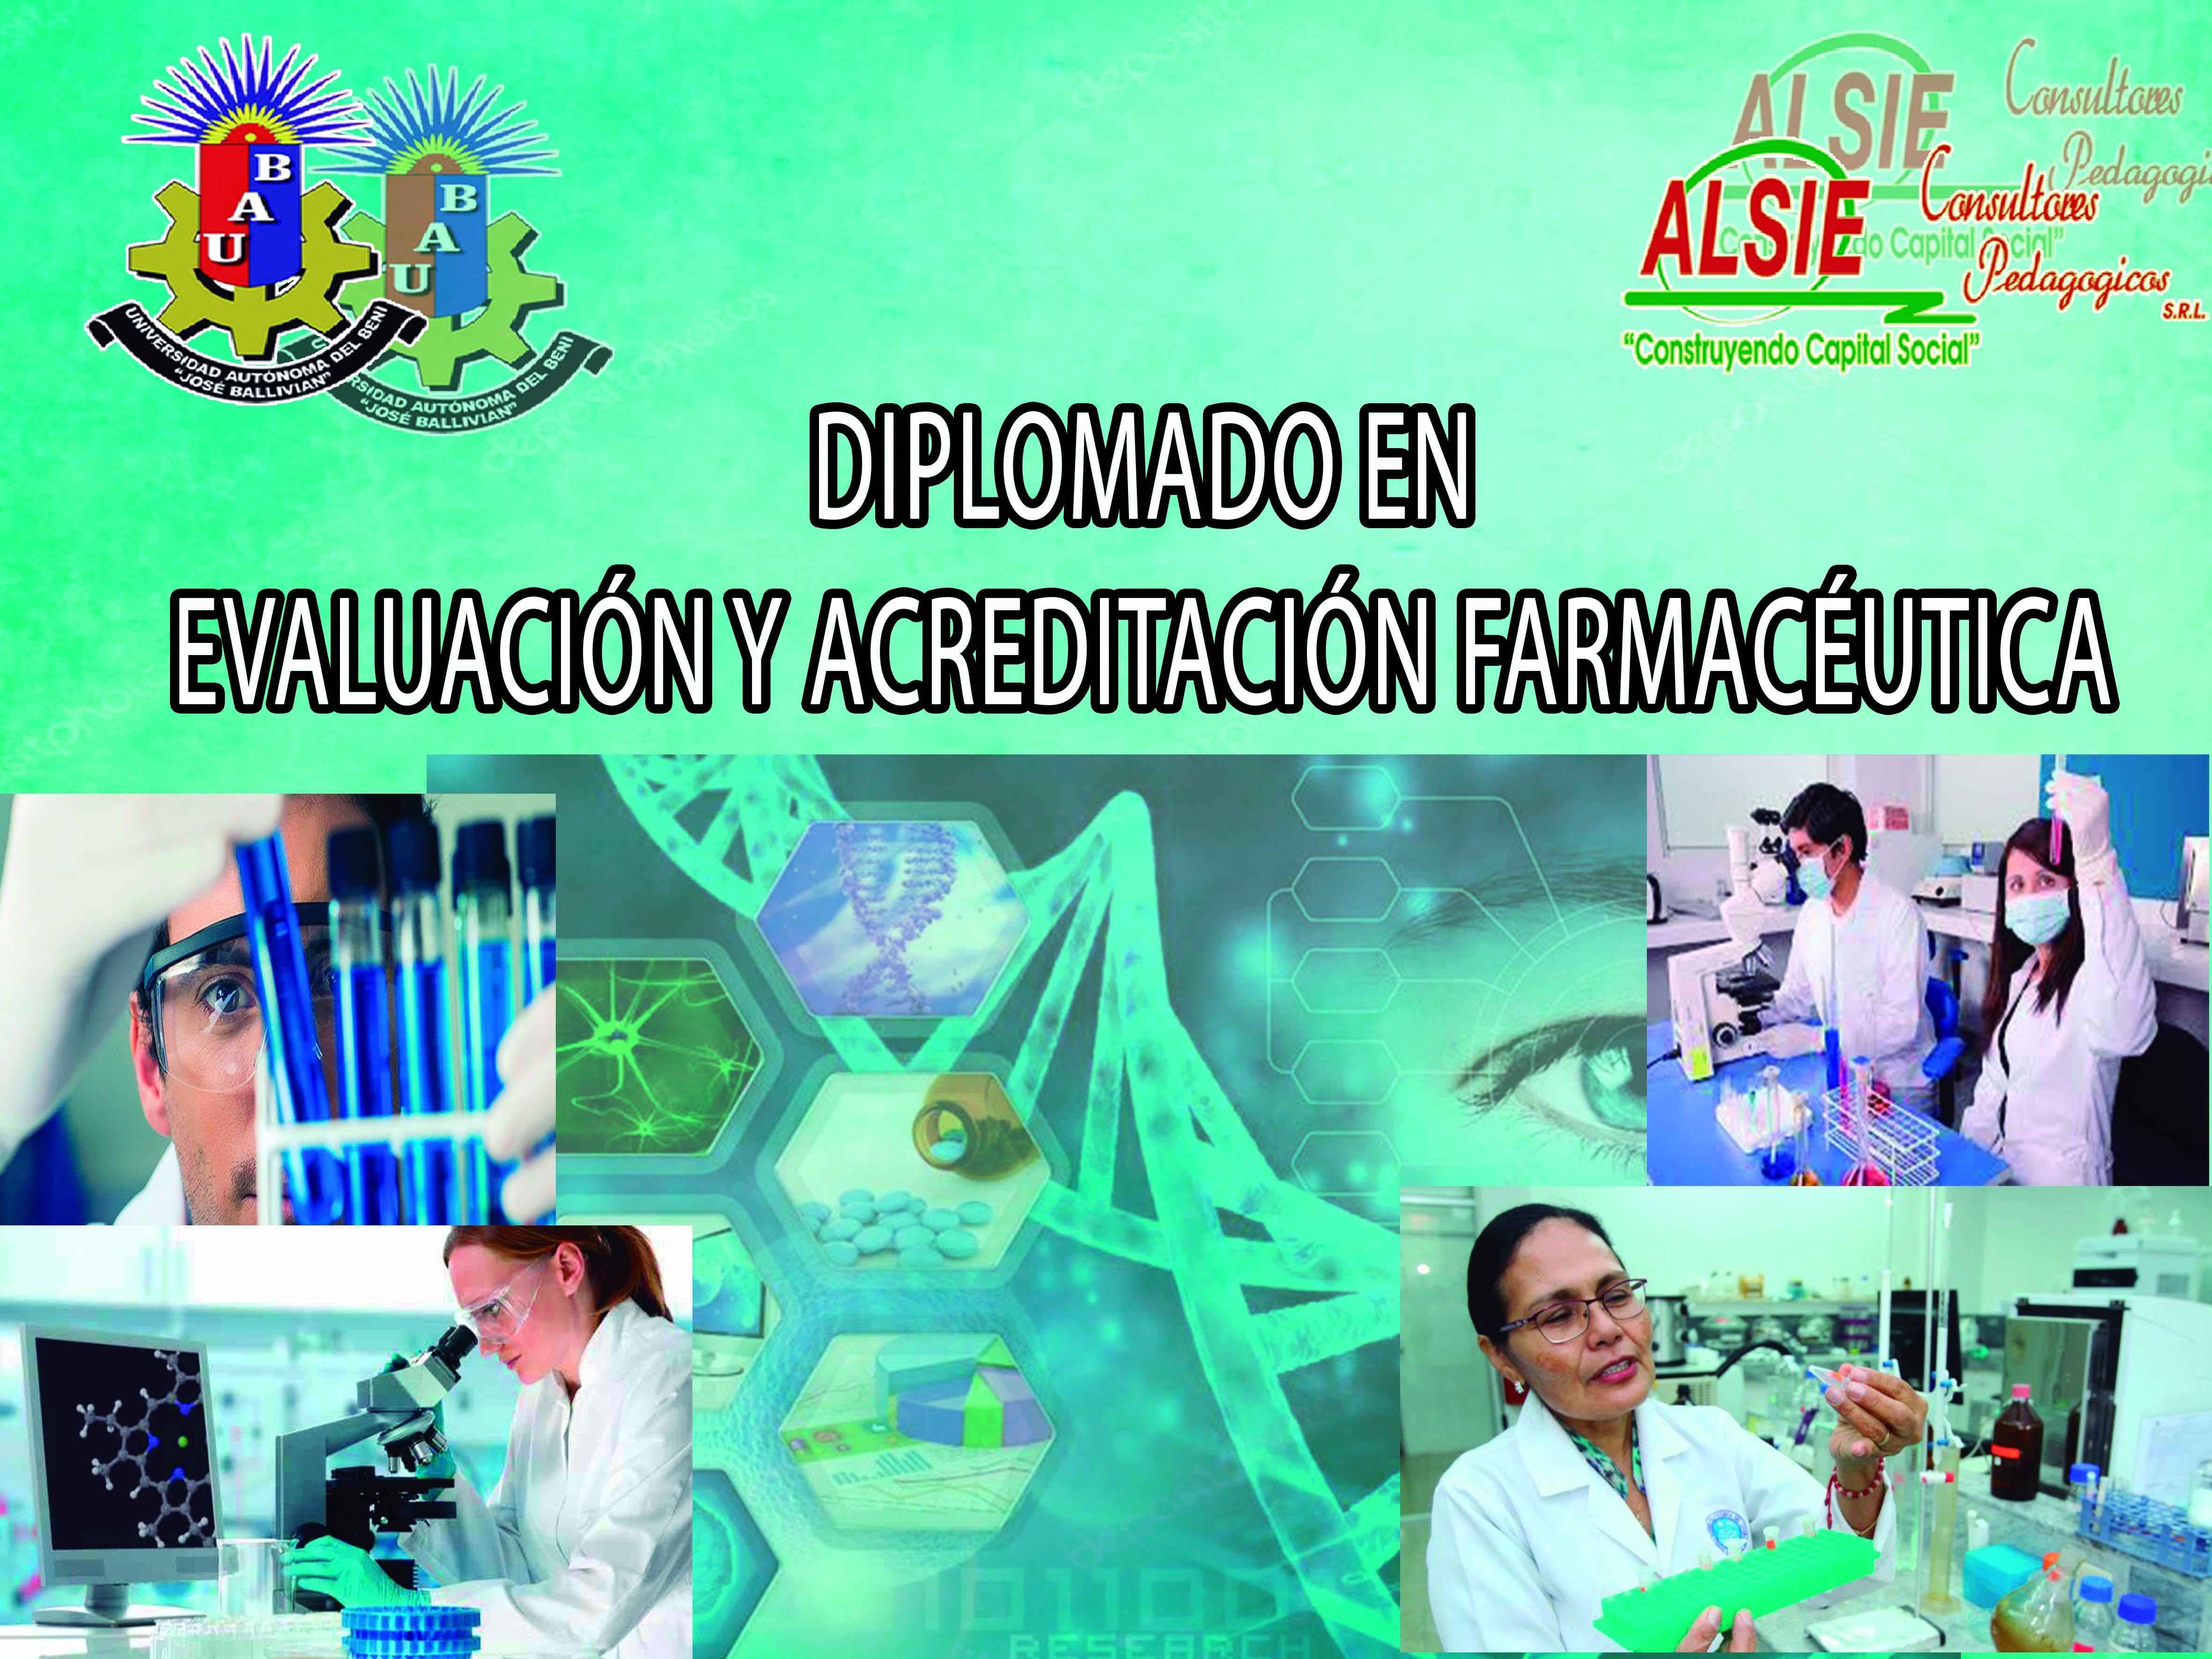 Diplomado en Evaluación y Acreditación Farmacéutica